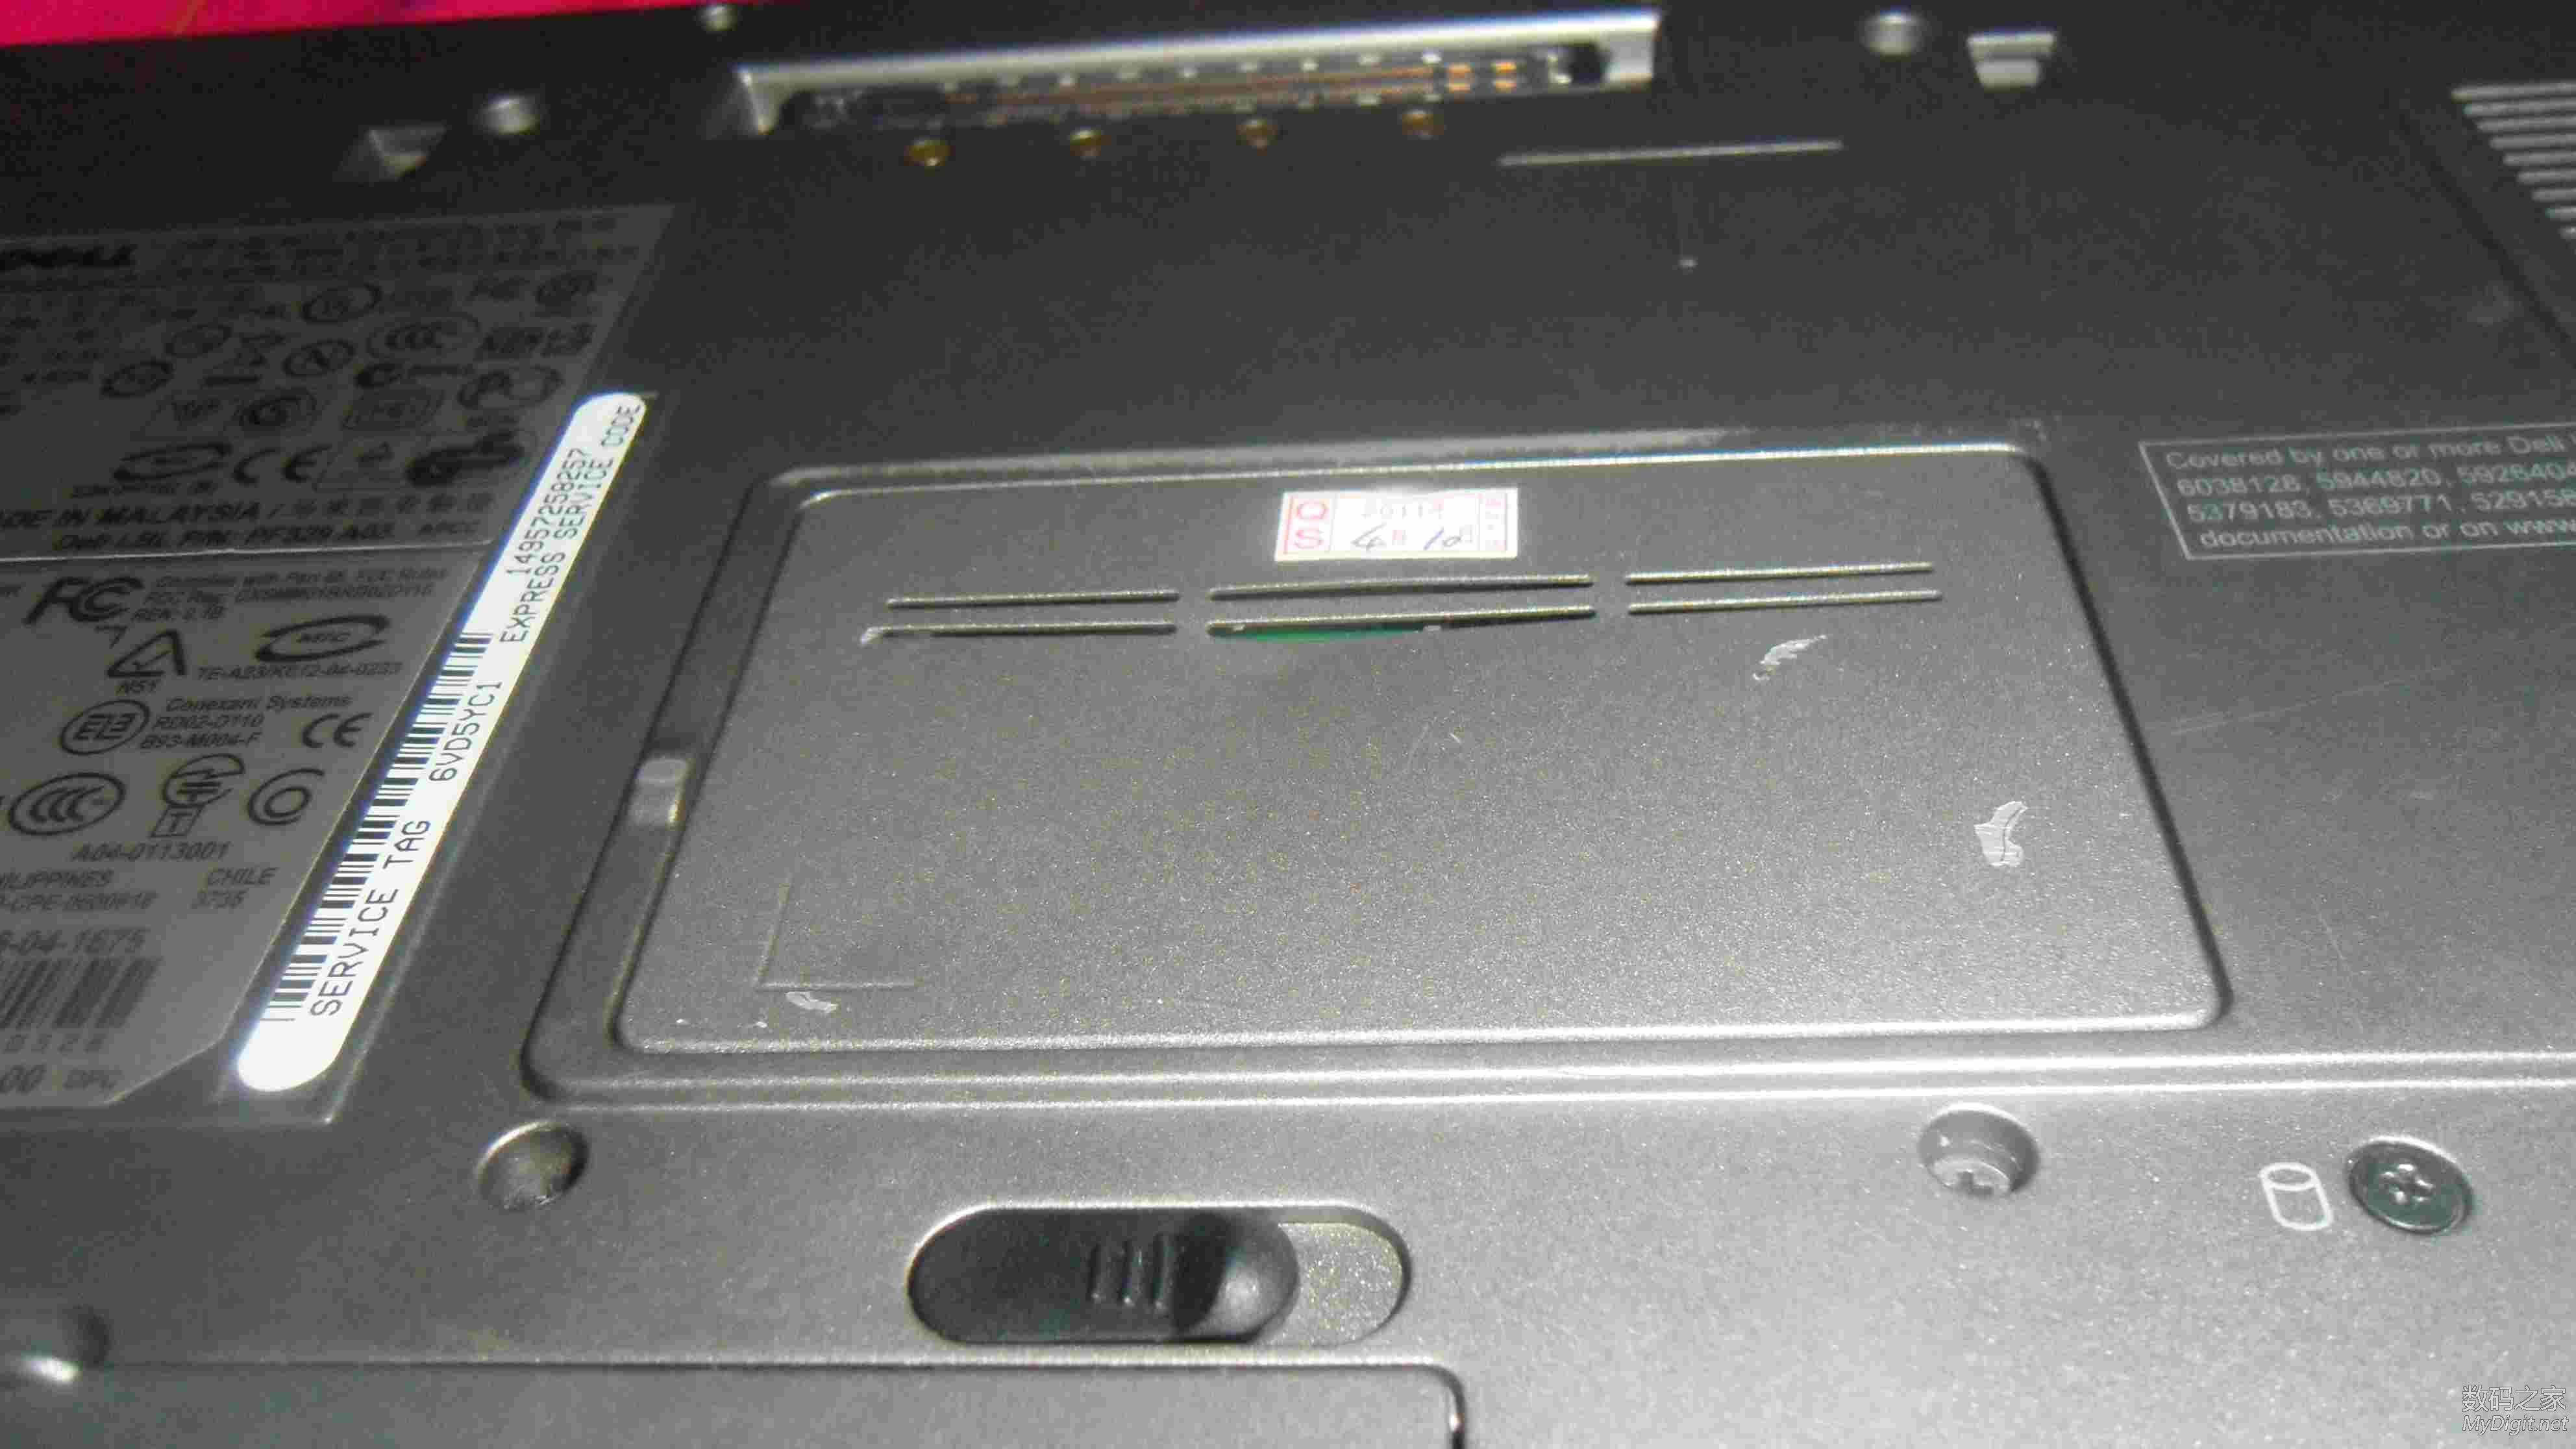 拆解DELL D620笔记本电脑 新手发图 多多包涵